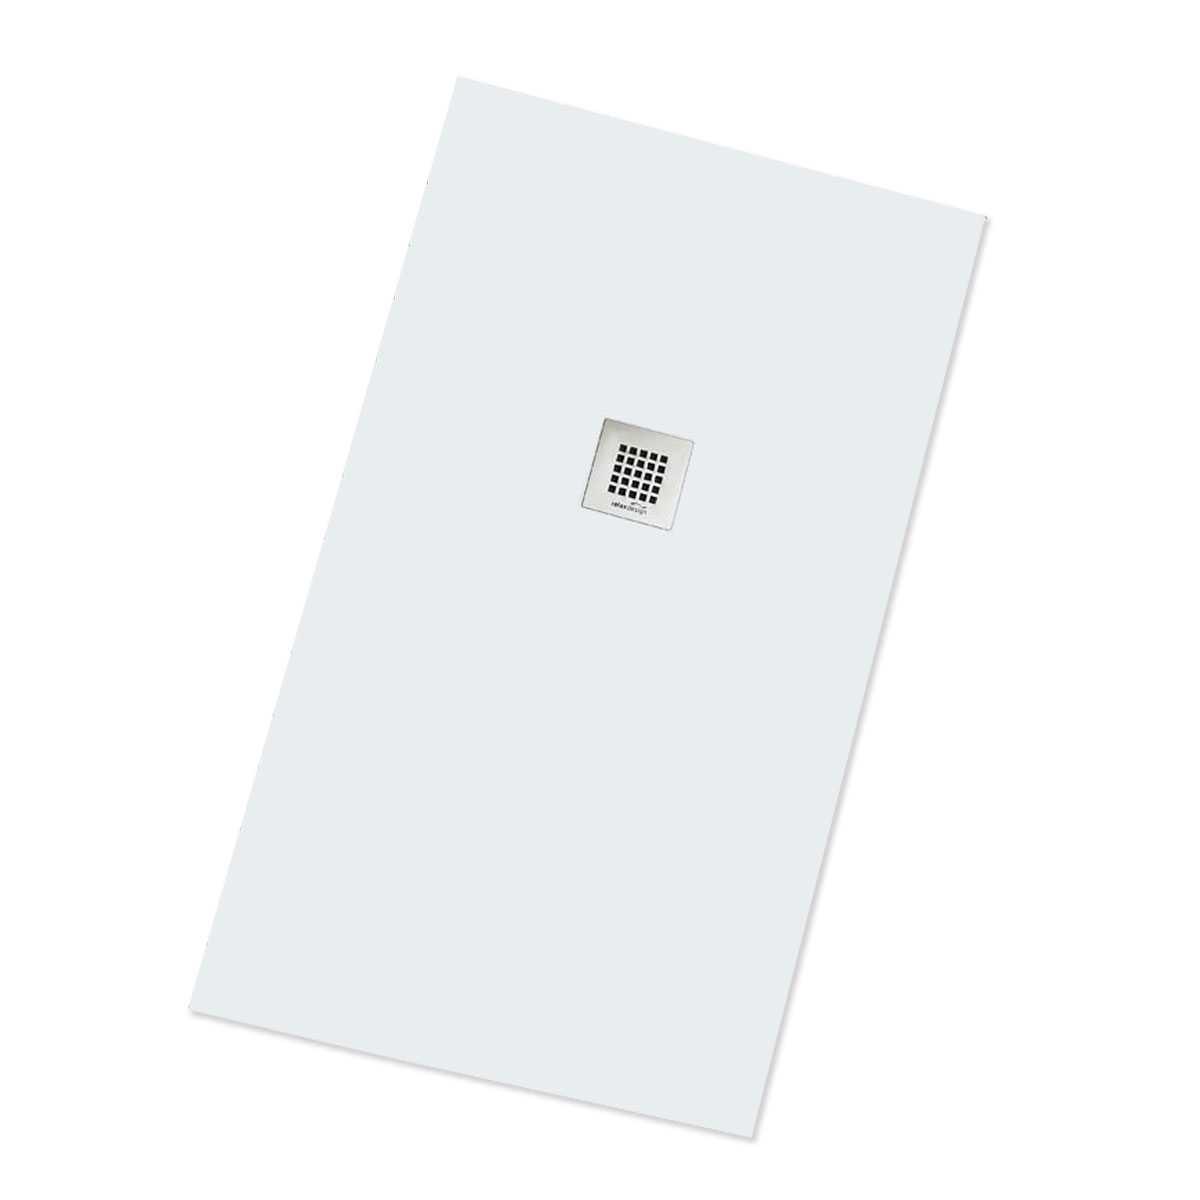 Piatto doccia ultrapiatto 70x130 colorato realizzato in solid surface con griglia inox  Rocky Solid